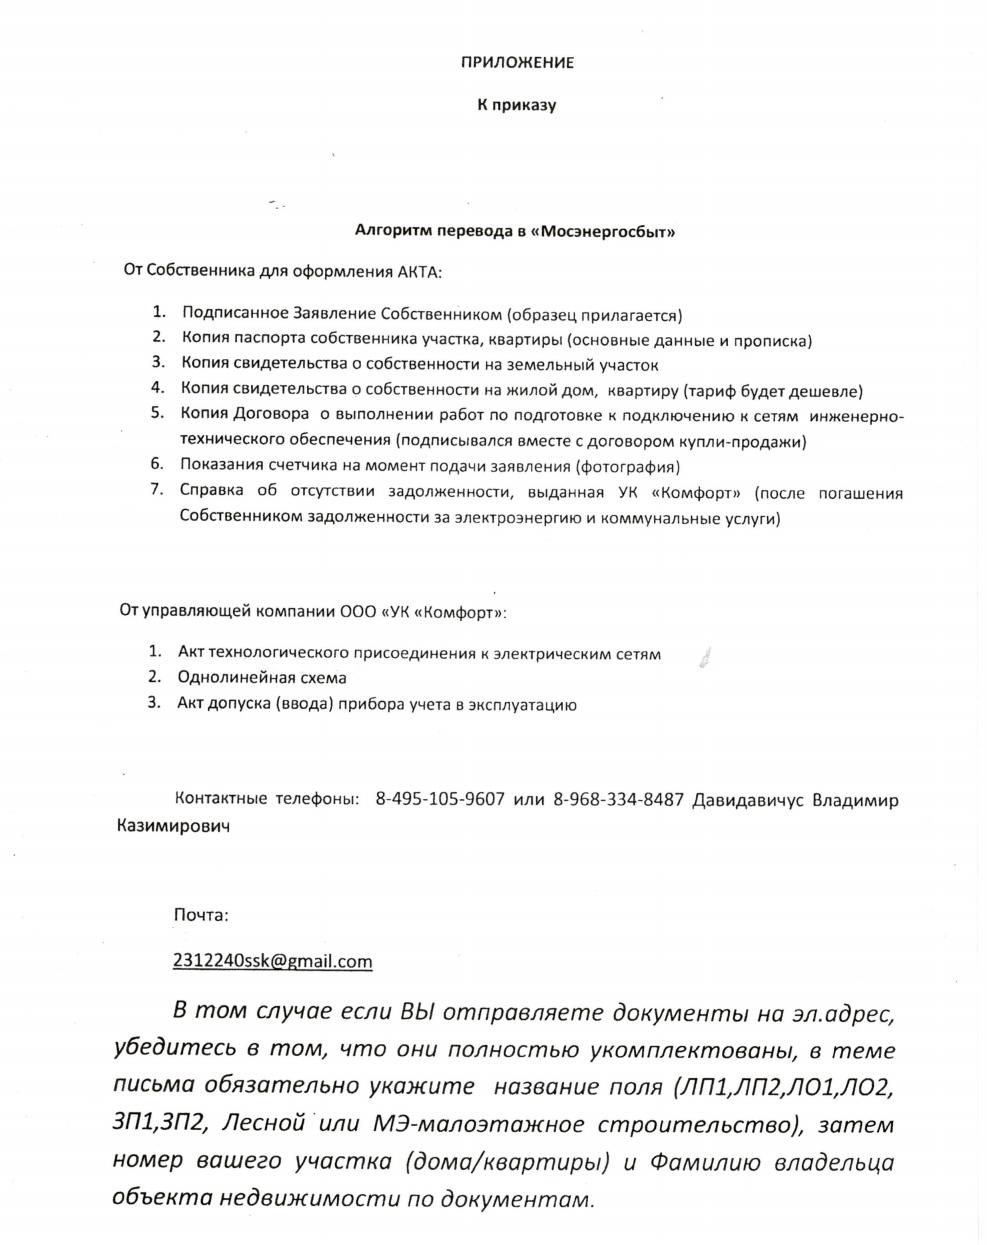 заключение договора с мосэнергосбытом